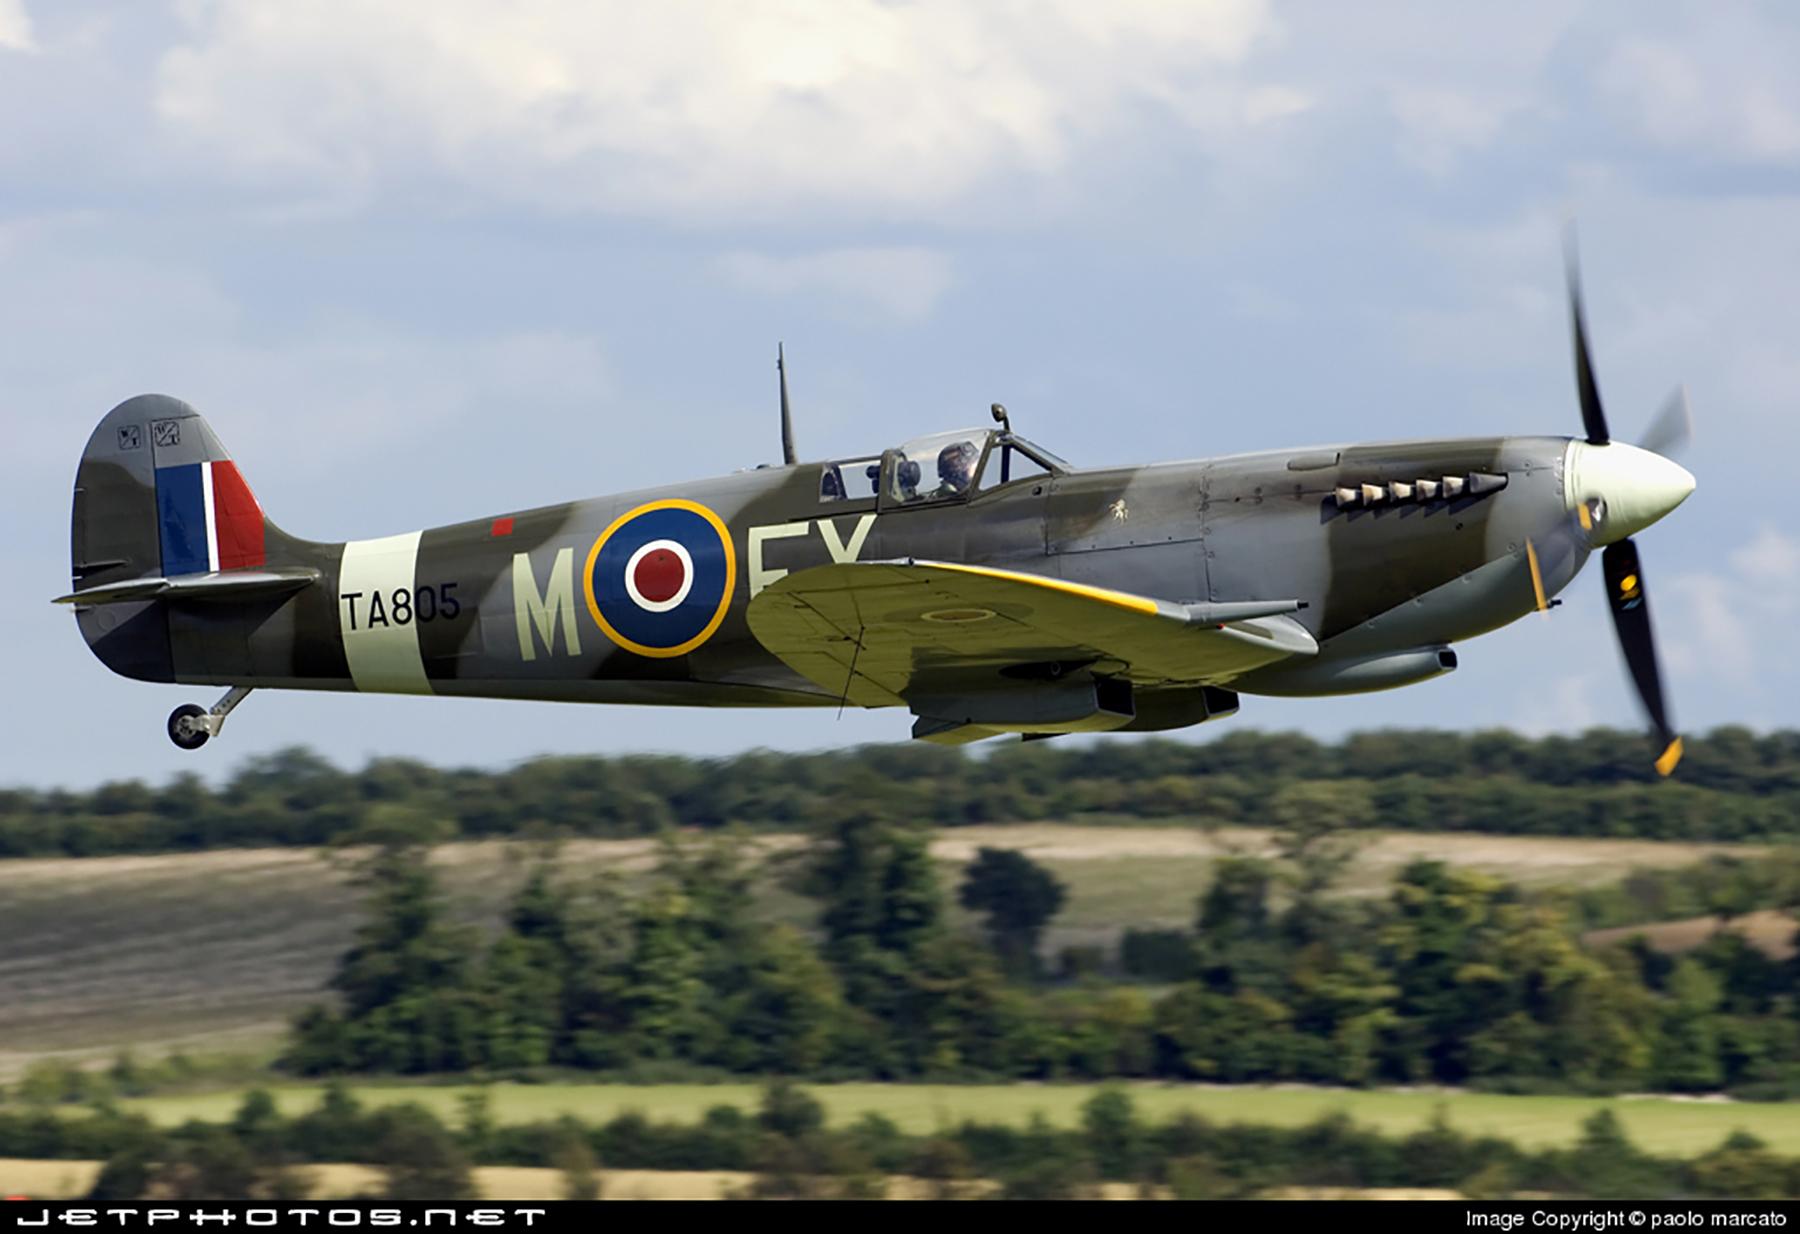 Airworthy Spitfire warbird HFIX SAAF FXM TA805 02